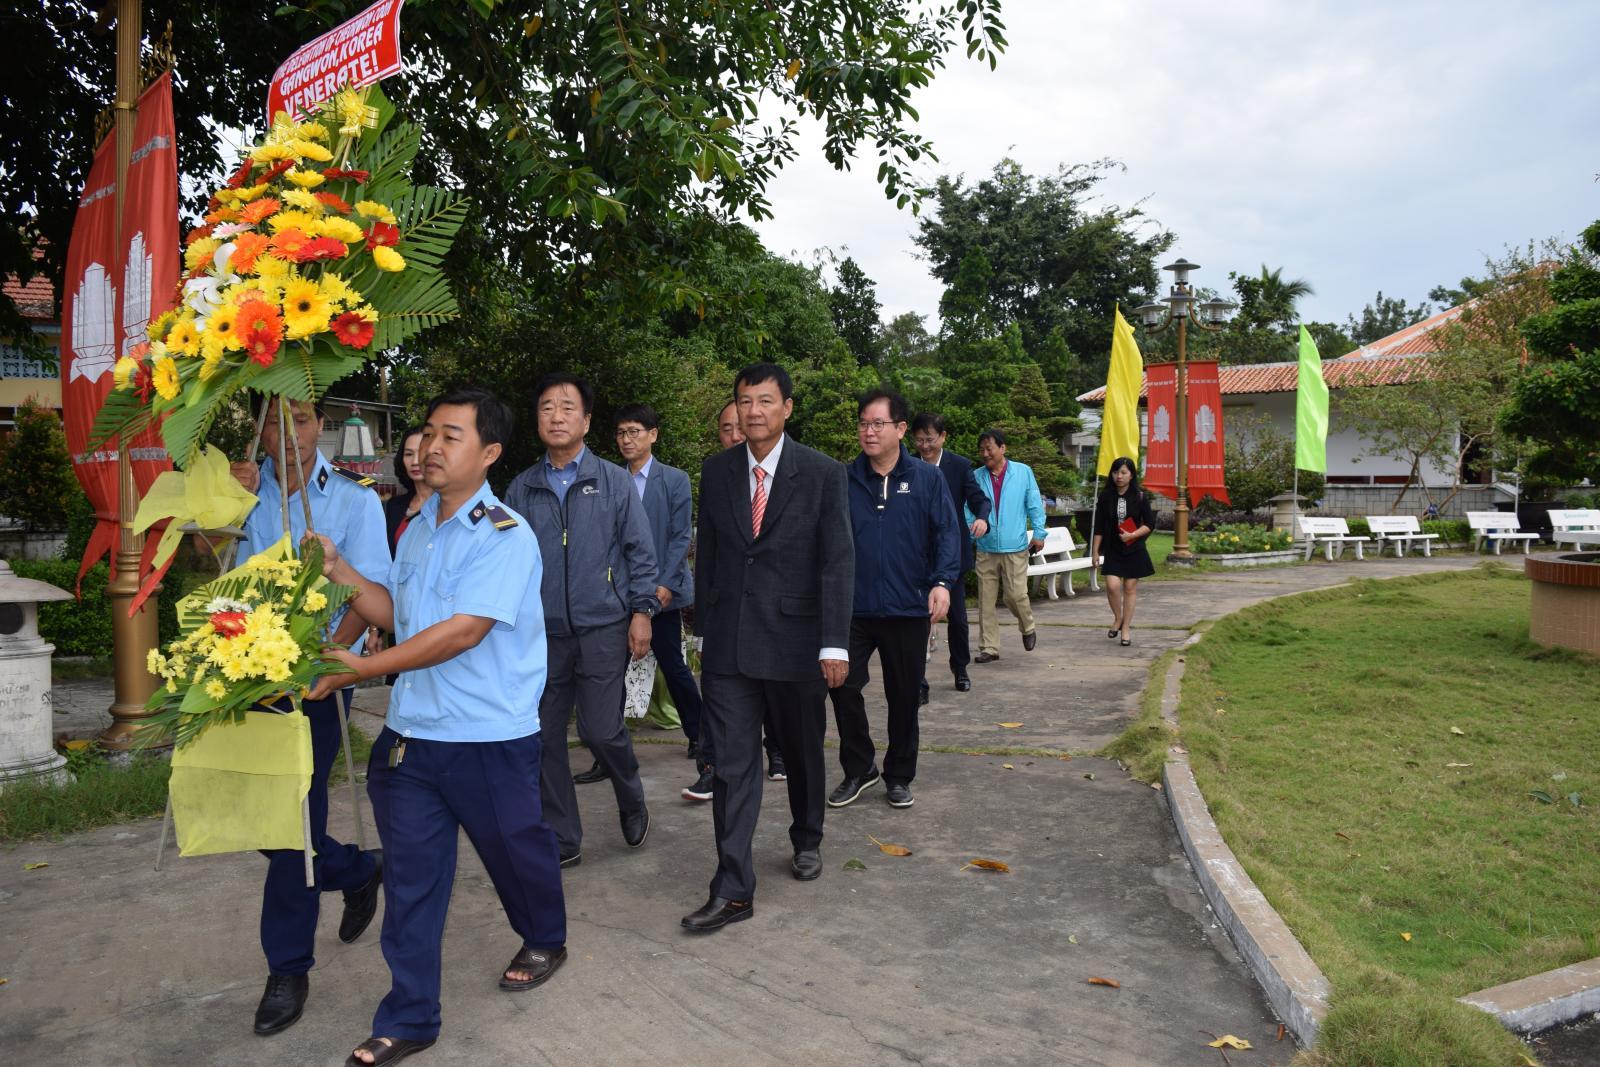 Đoàn công tác huyện Cheorwon, tỉnh Gangwon, Hàn Quốc viếng mộ cụ Phó bảng Nguyễn Sinh Sắc